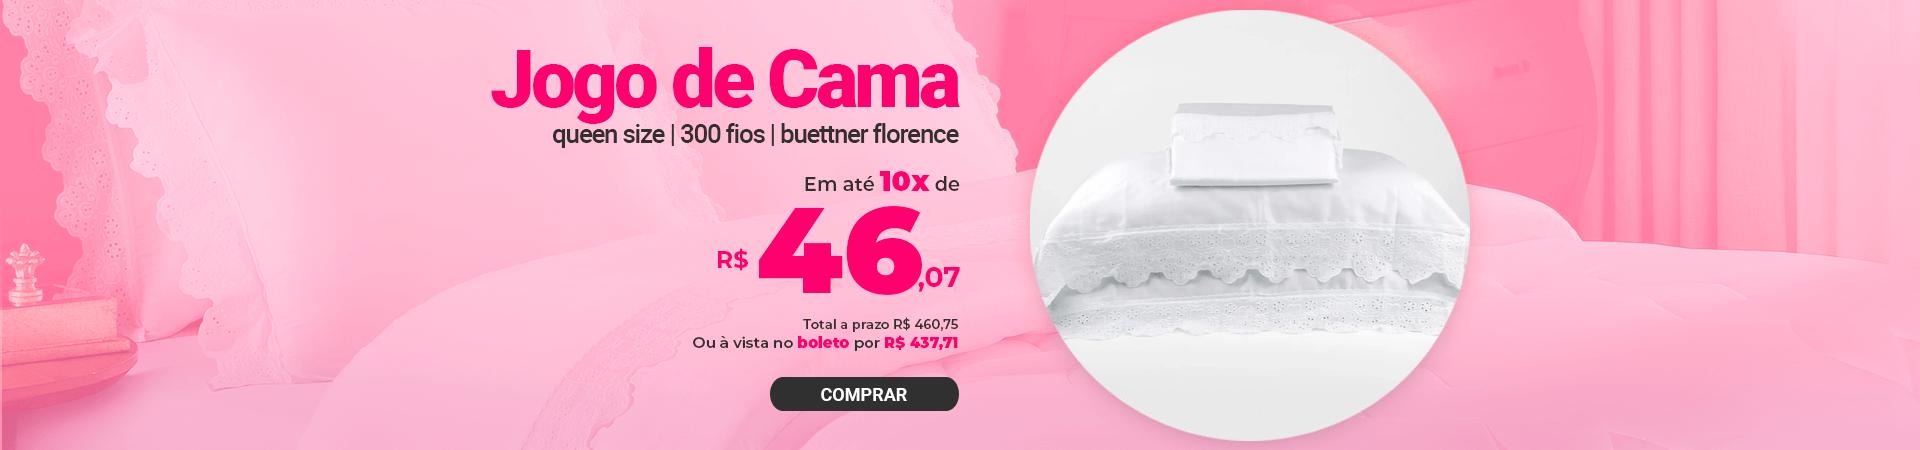 Jogo de Cama 300 fios com Renda - Queen Size - Buettner - Florence >> Loja Buetnner | Compre Agora!